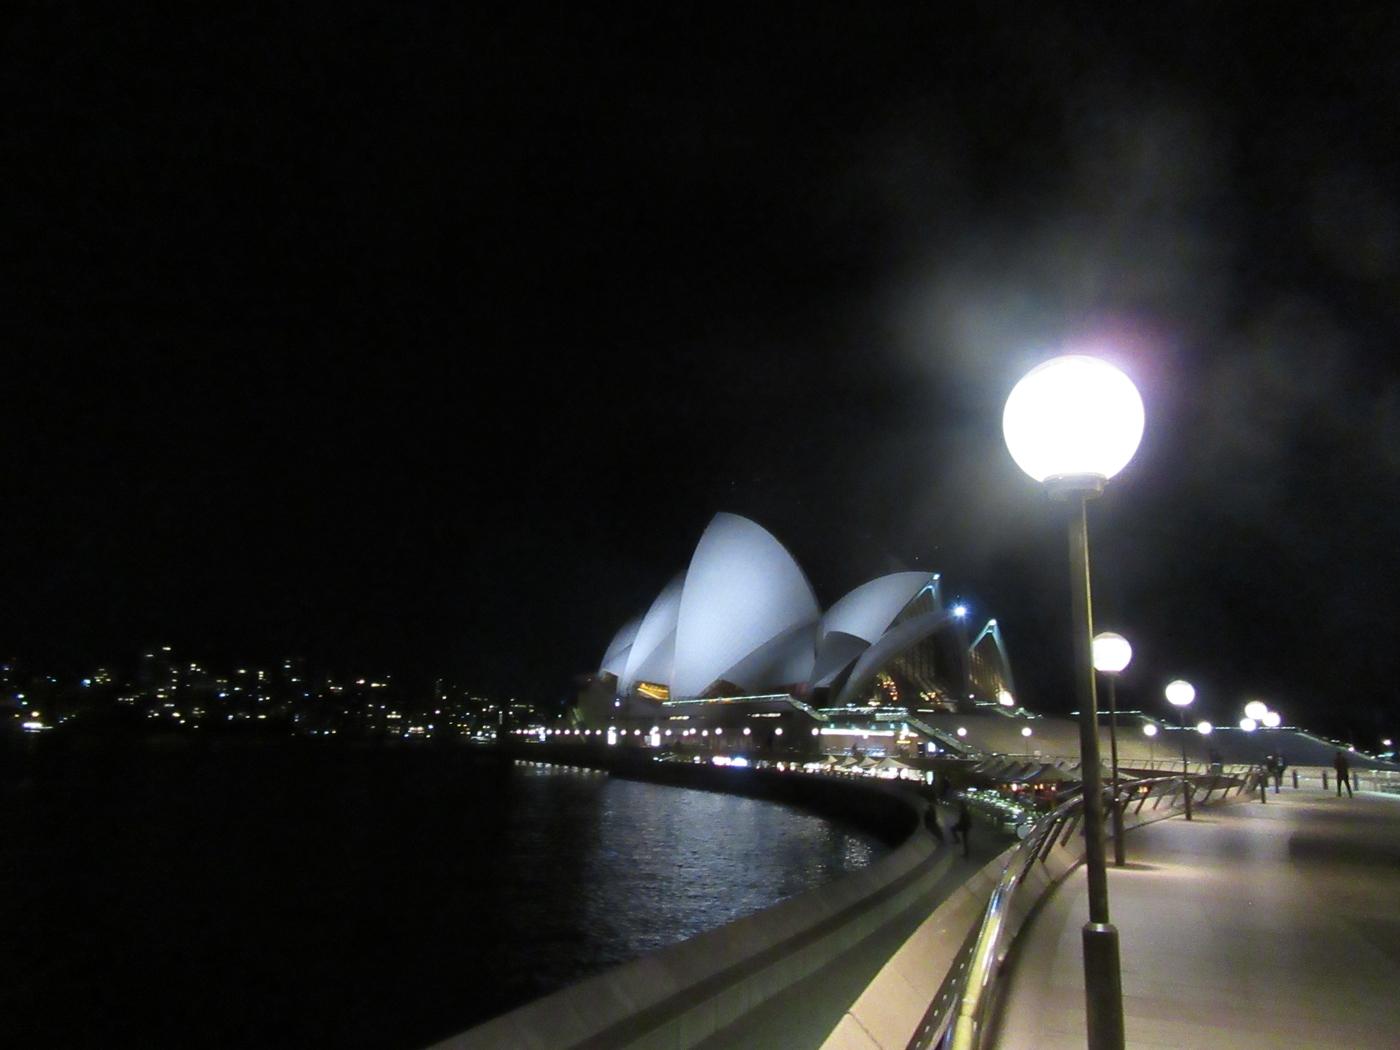 Rahalätinää: Australia vs. Uusi-Seelanti working holidaylla